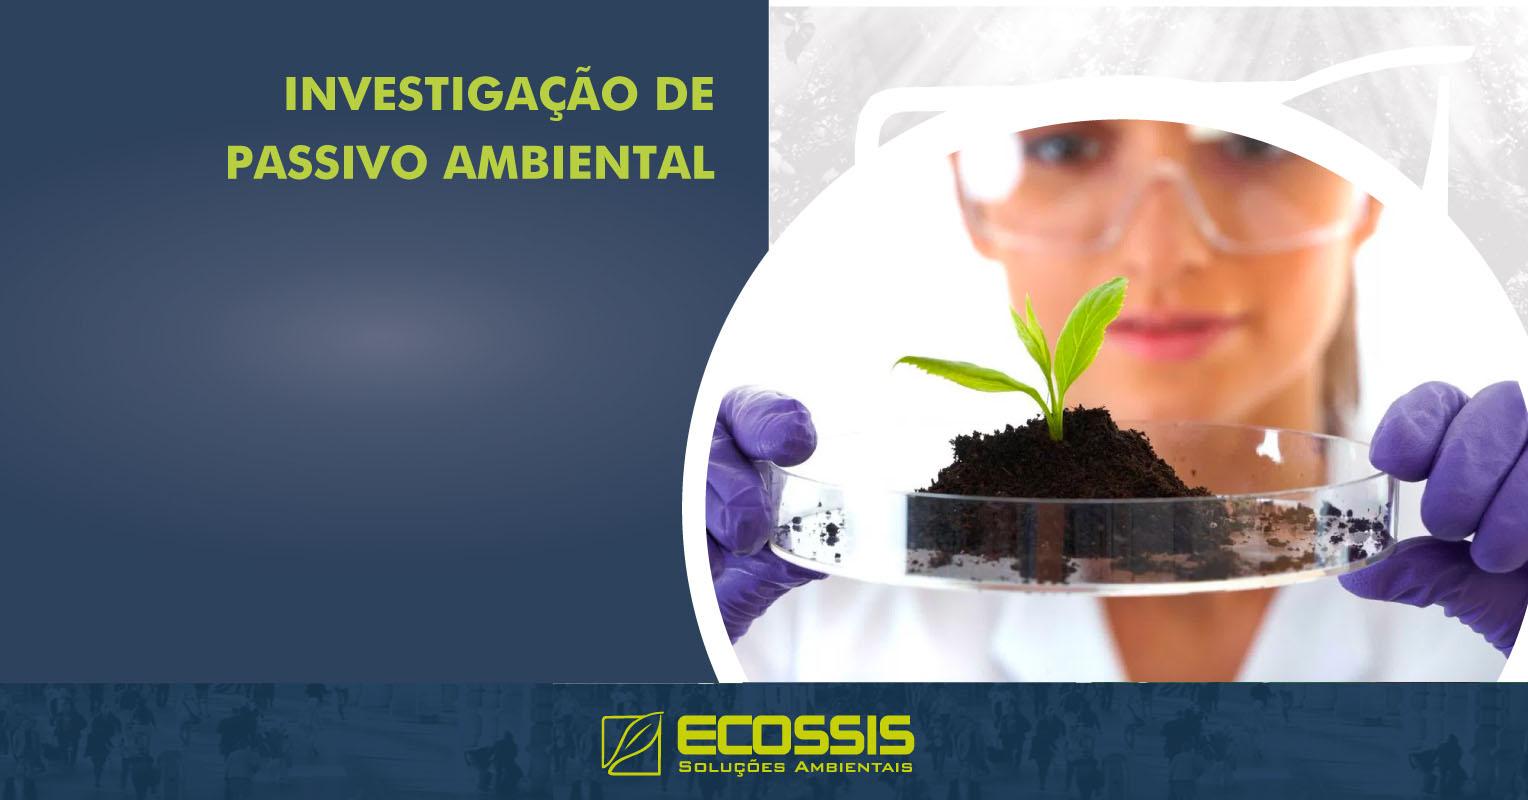 Investigação de Passivo Ambiental